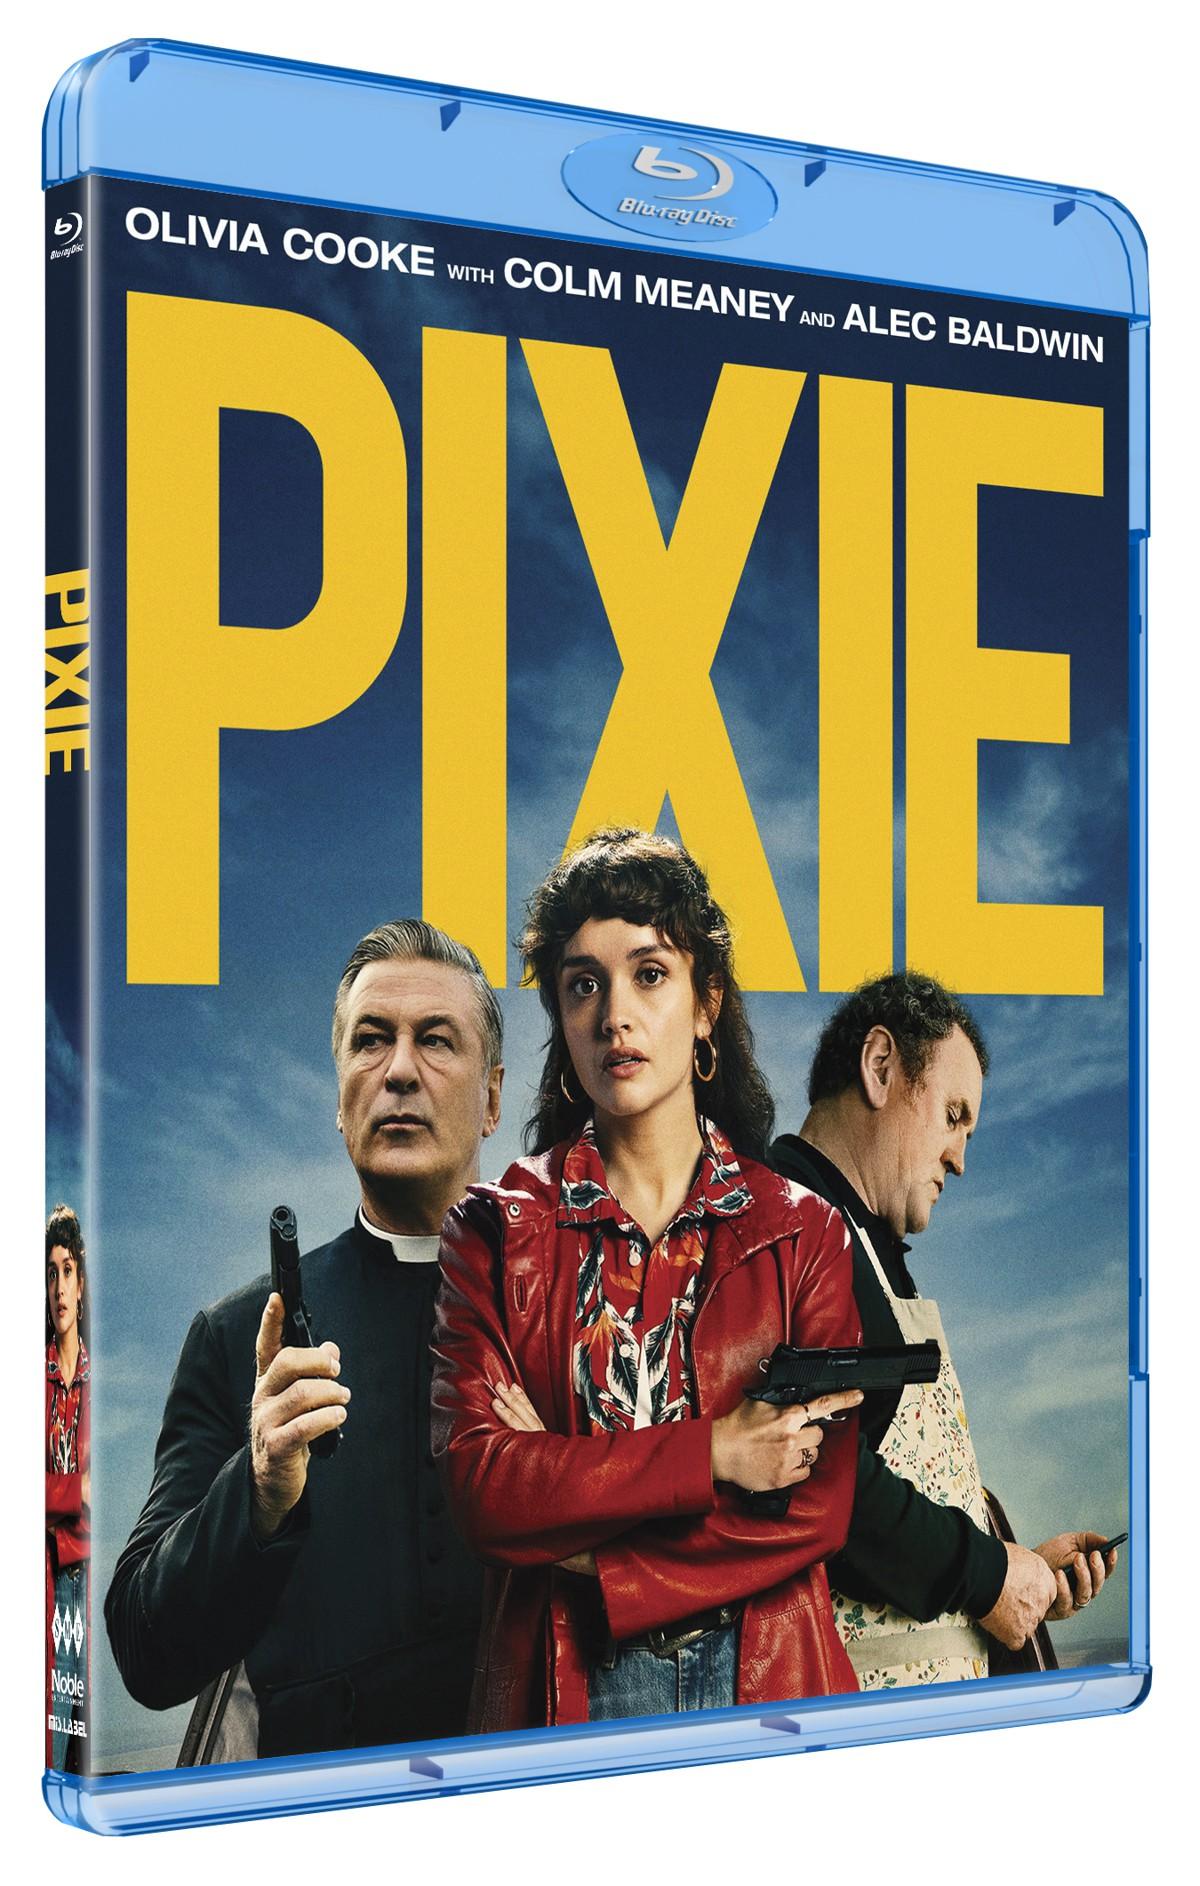 Pixie - Olivia Cooke - Film -  - 5705535066808 - September 13, 2021